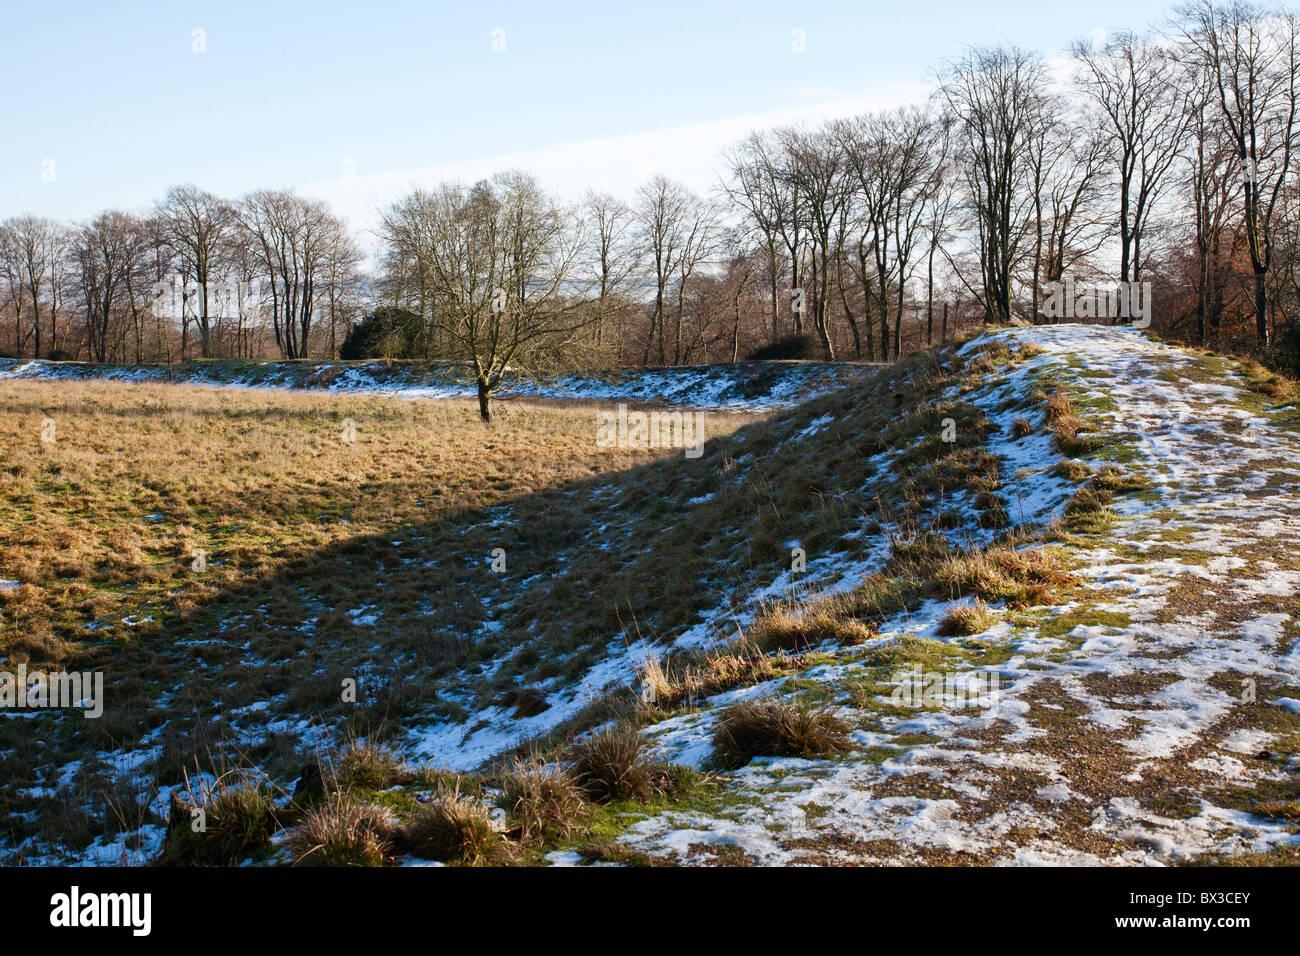 Danebury Iron Age Hill Fort, Hampshire, UK - Stock Image